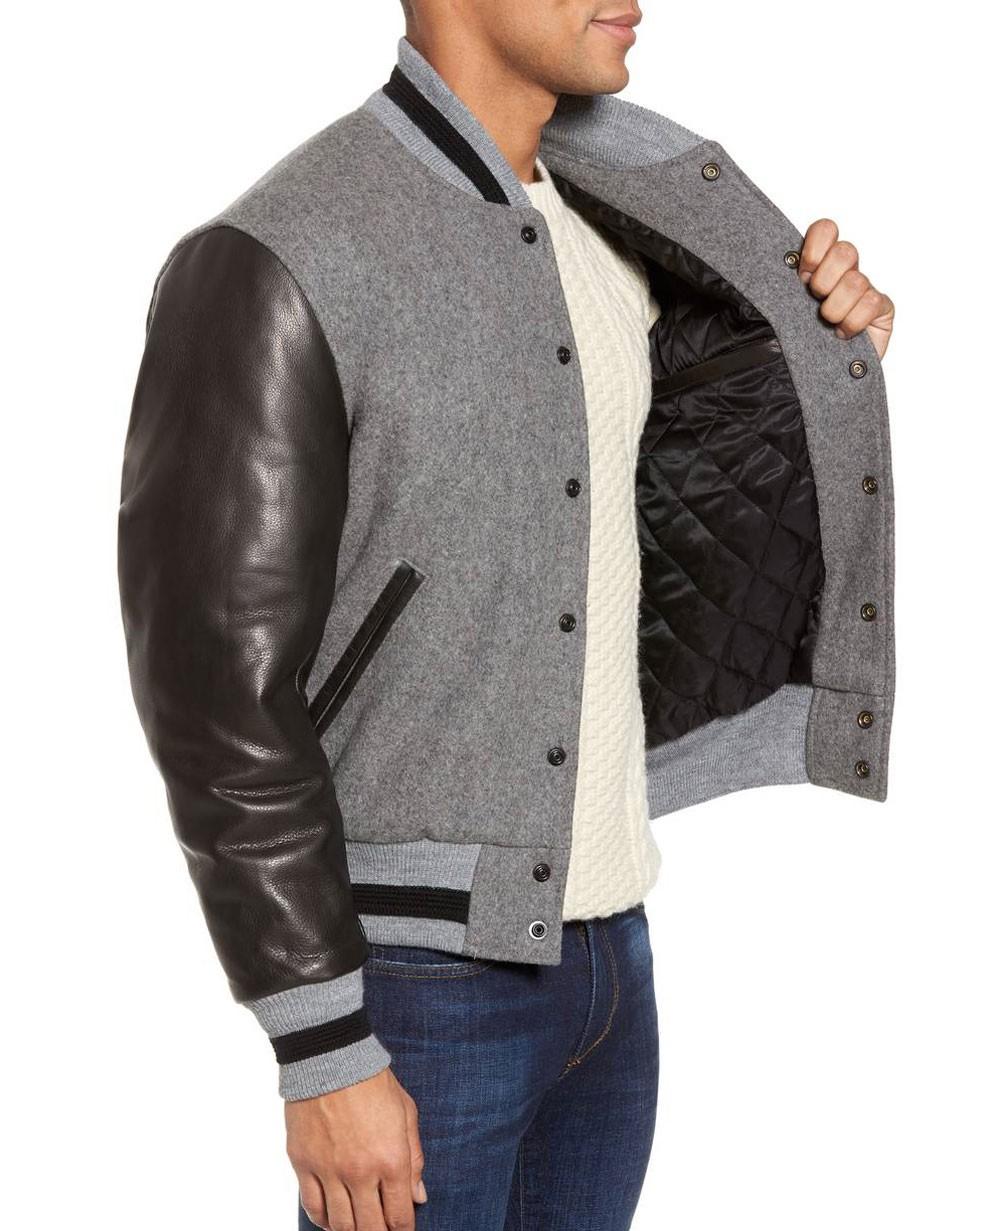 59b88931e Classic Wool & Leather Sleeve Varsity Baseball Jacket